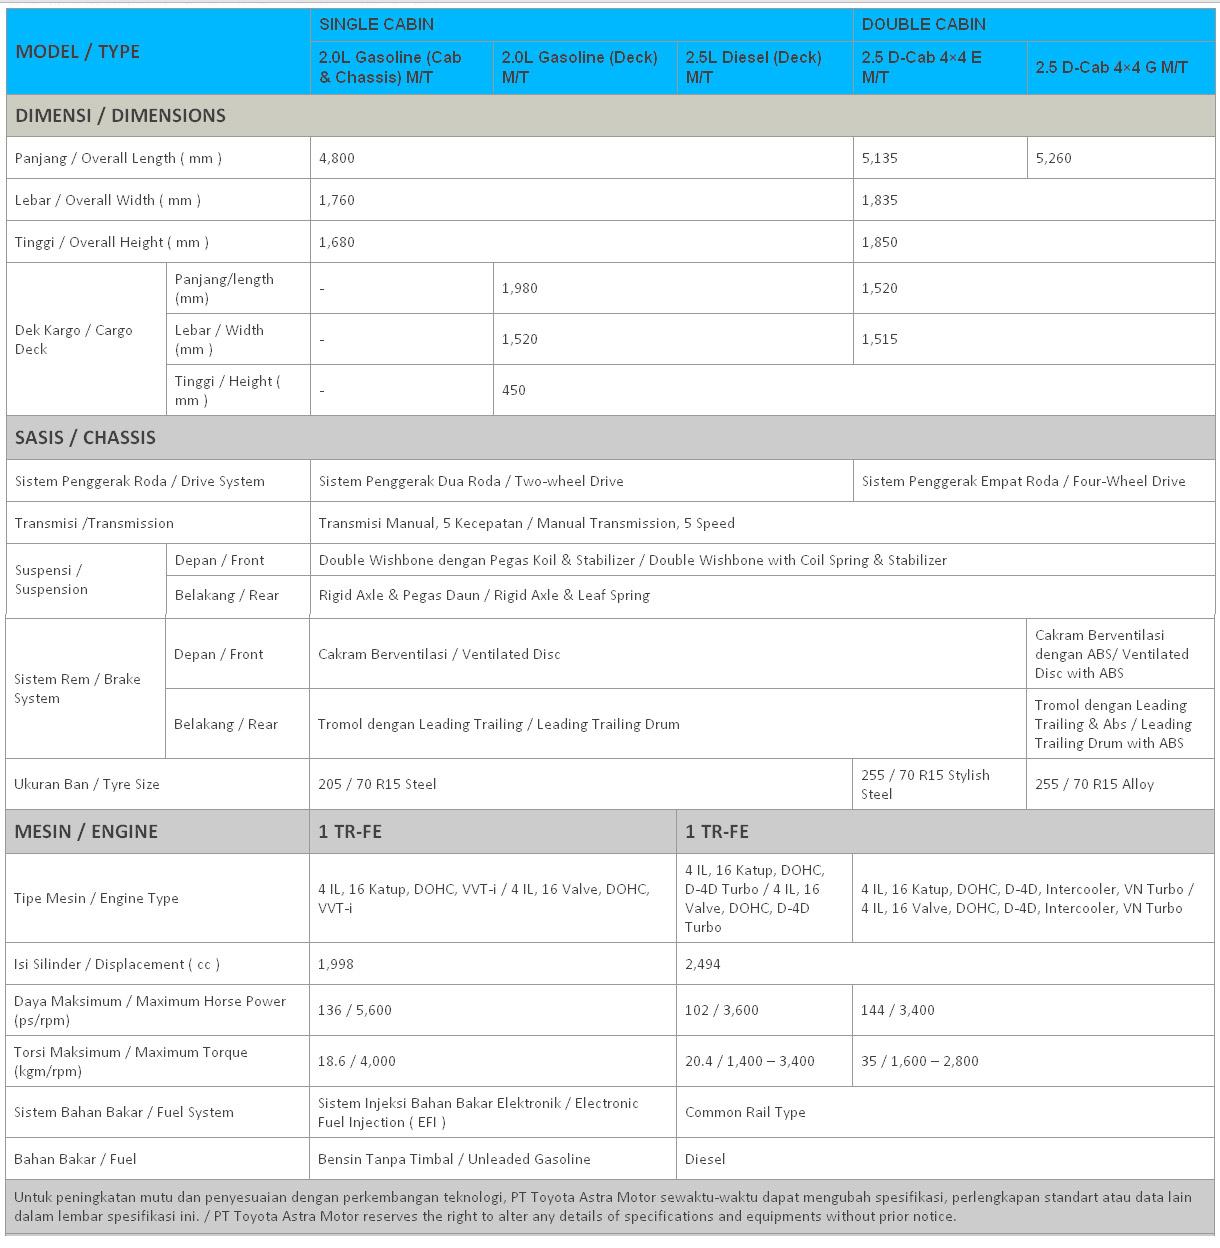 New Kijang Innova Spesifikasi Perbedaan Agya G Dan Trd Toyota Hilux Baru Mobil 2015